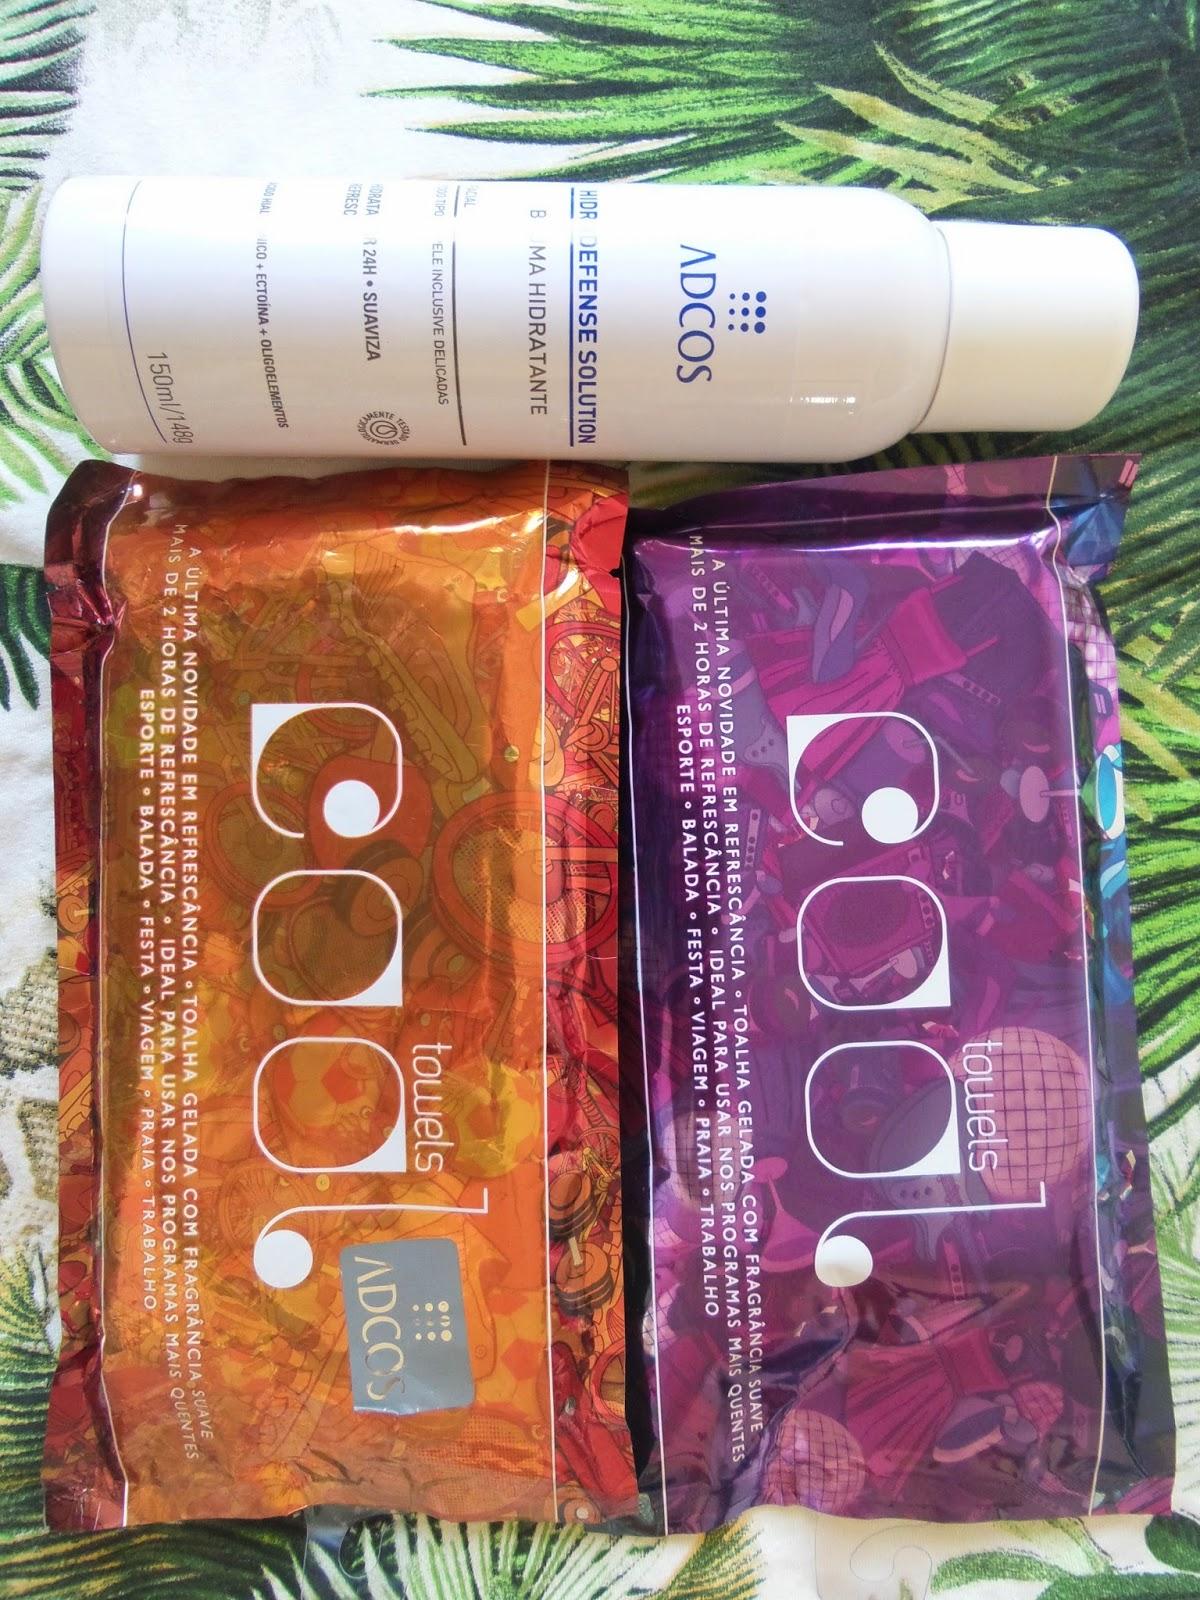 Bruma Hidratante   Hidradefense Solution Adcos,  Toalha Gelada:   Cool Towels Adcos